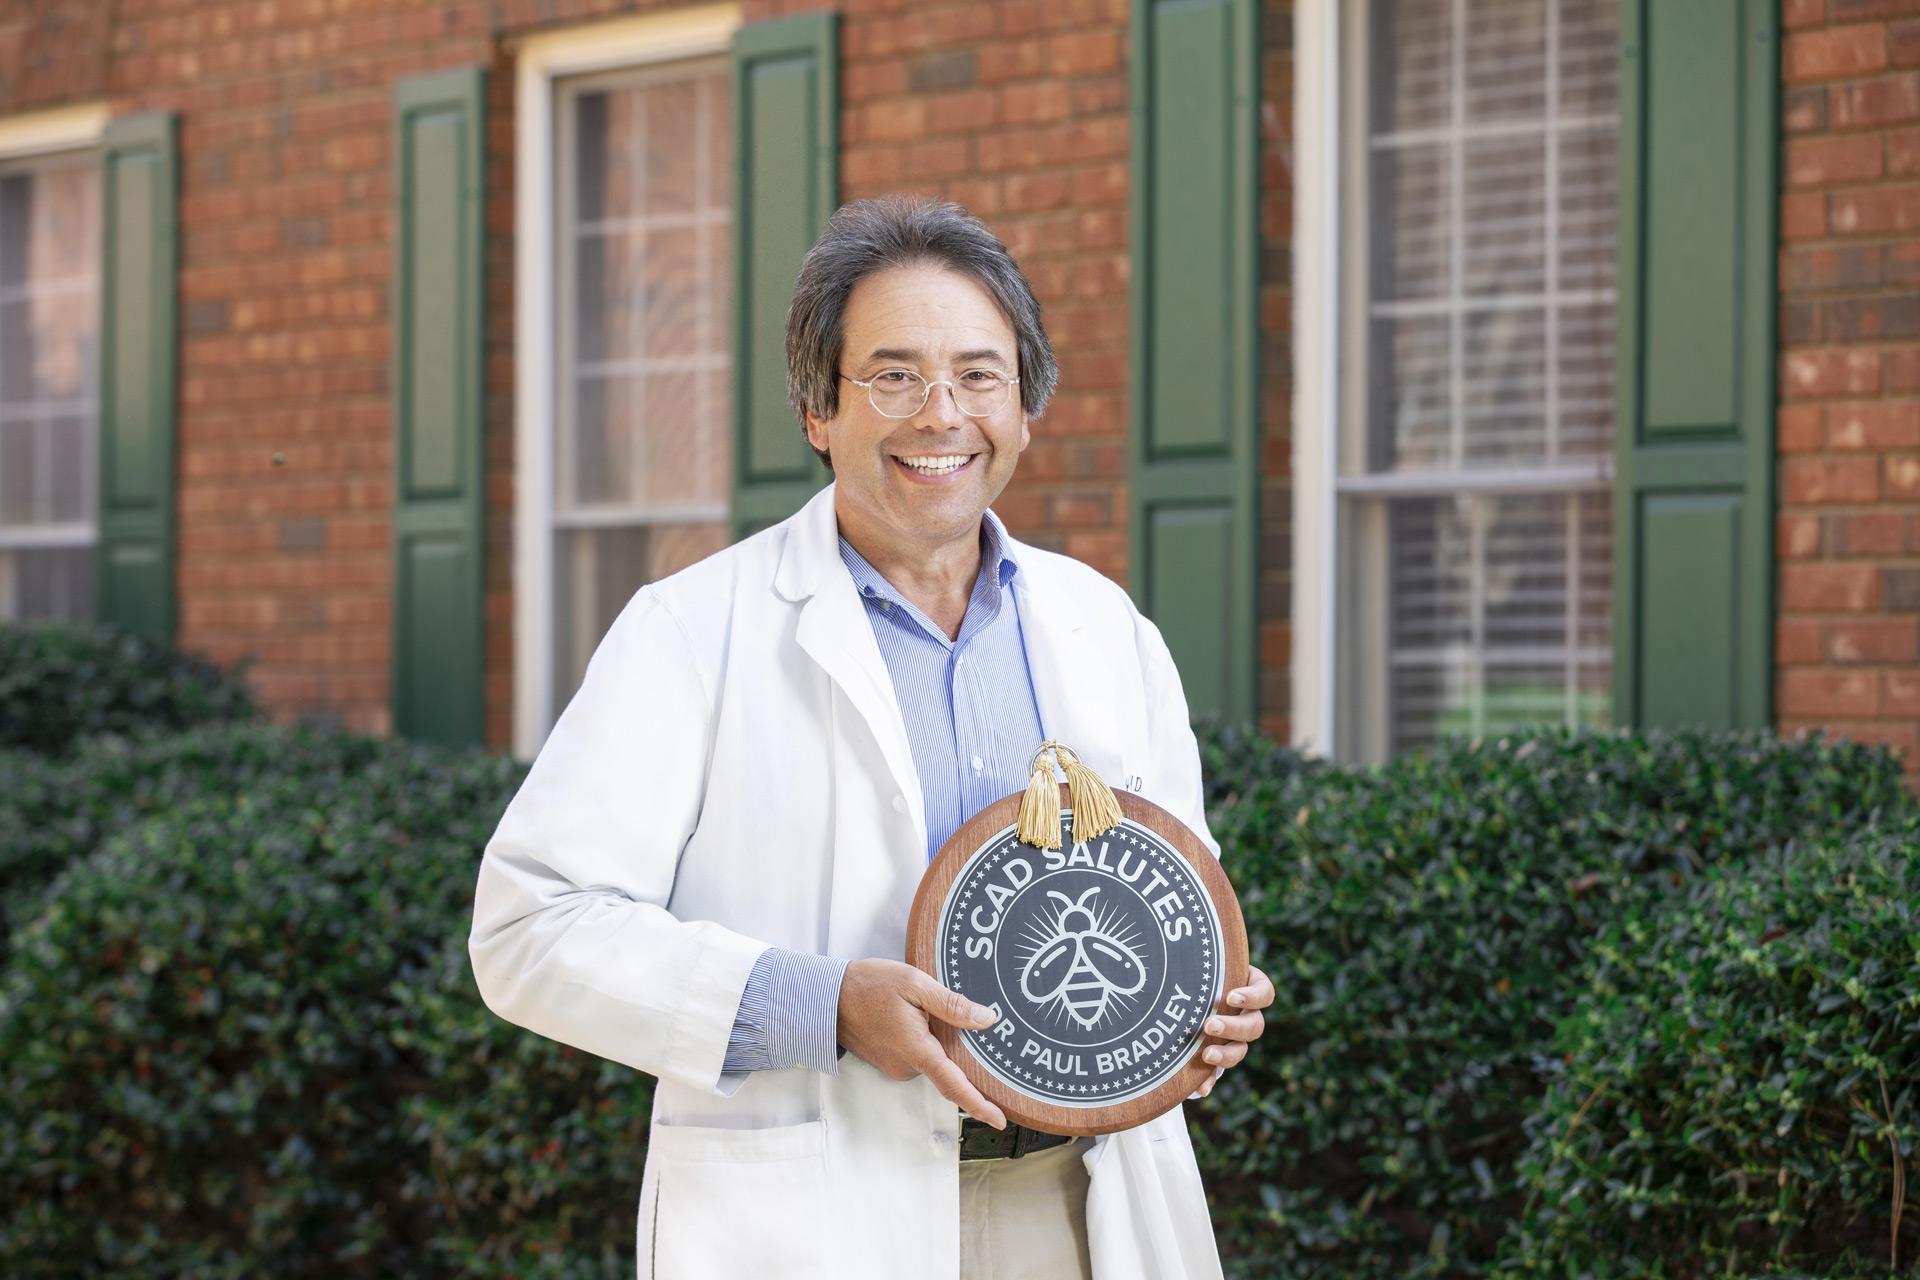 Dr. Paul Bradley, SCAD Salutes